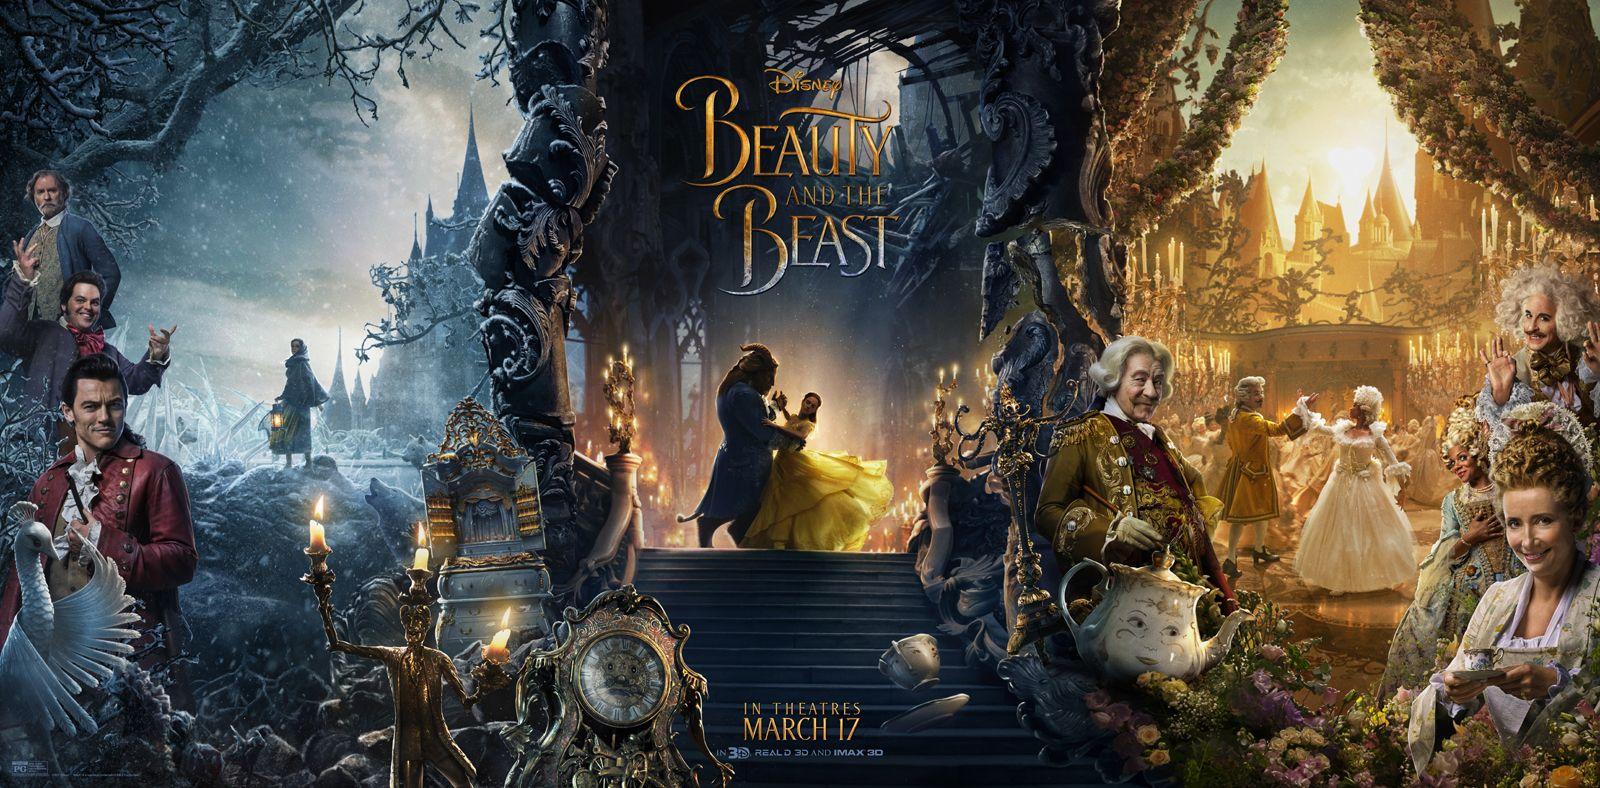 La Bella e la Bestia: un nuovo poster del film